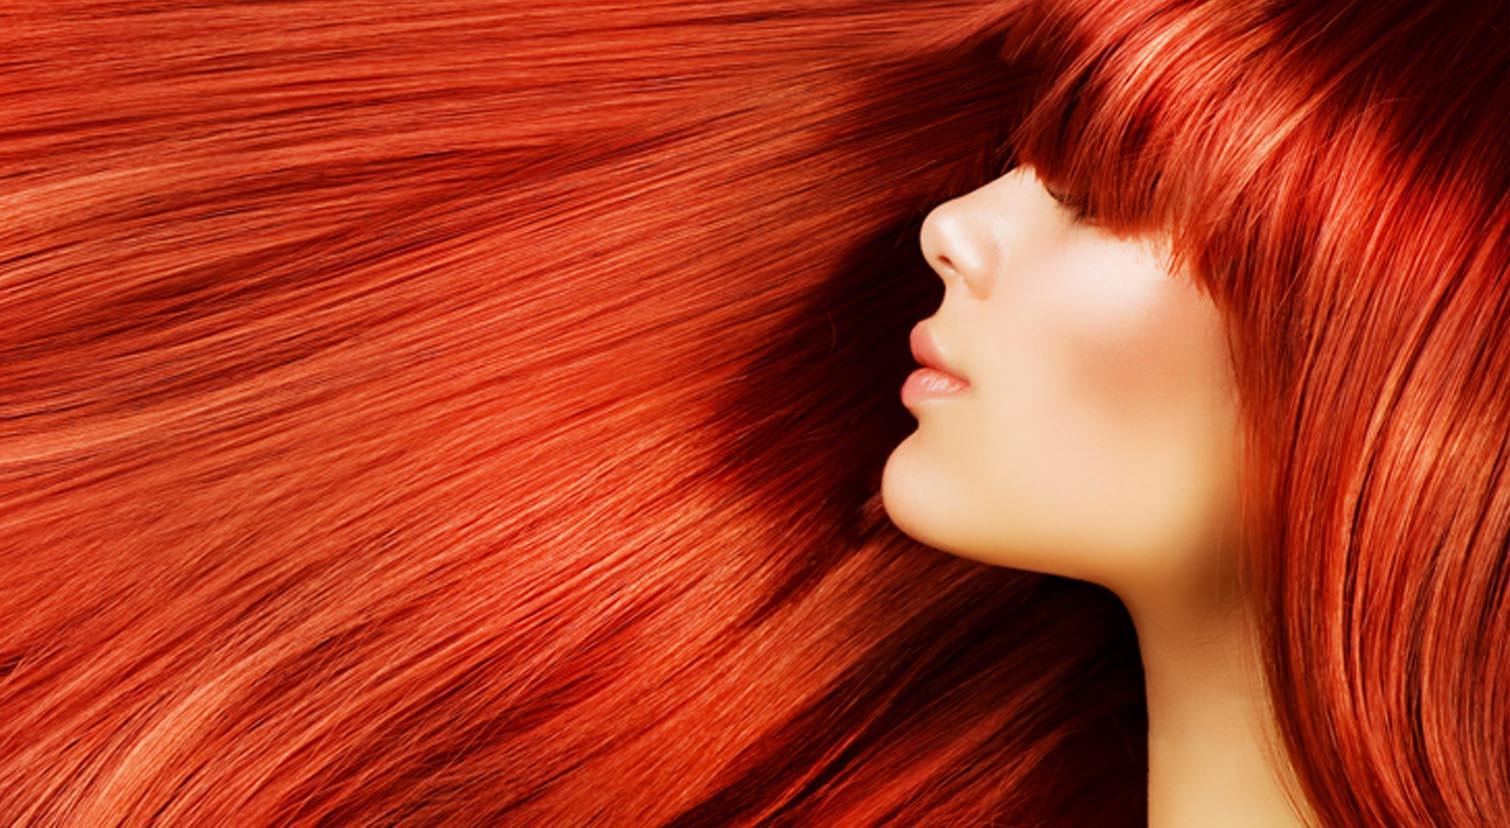 salon coiffure, coiffure femme, coiffure Beloeil, coupe de cheveux femme,